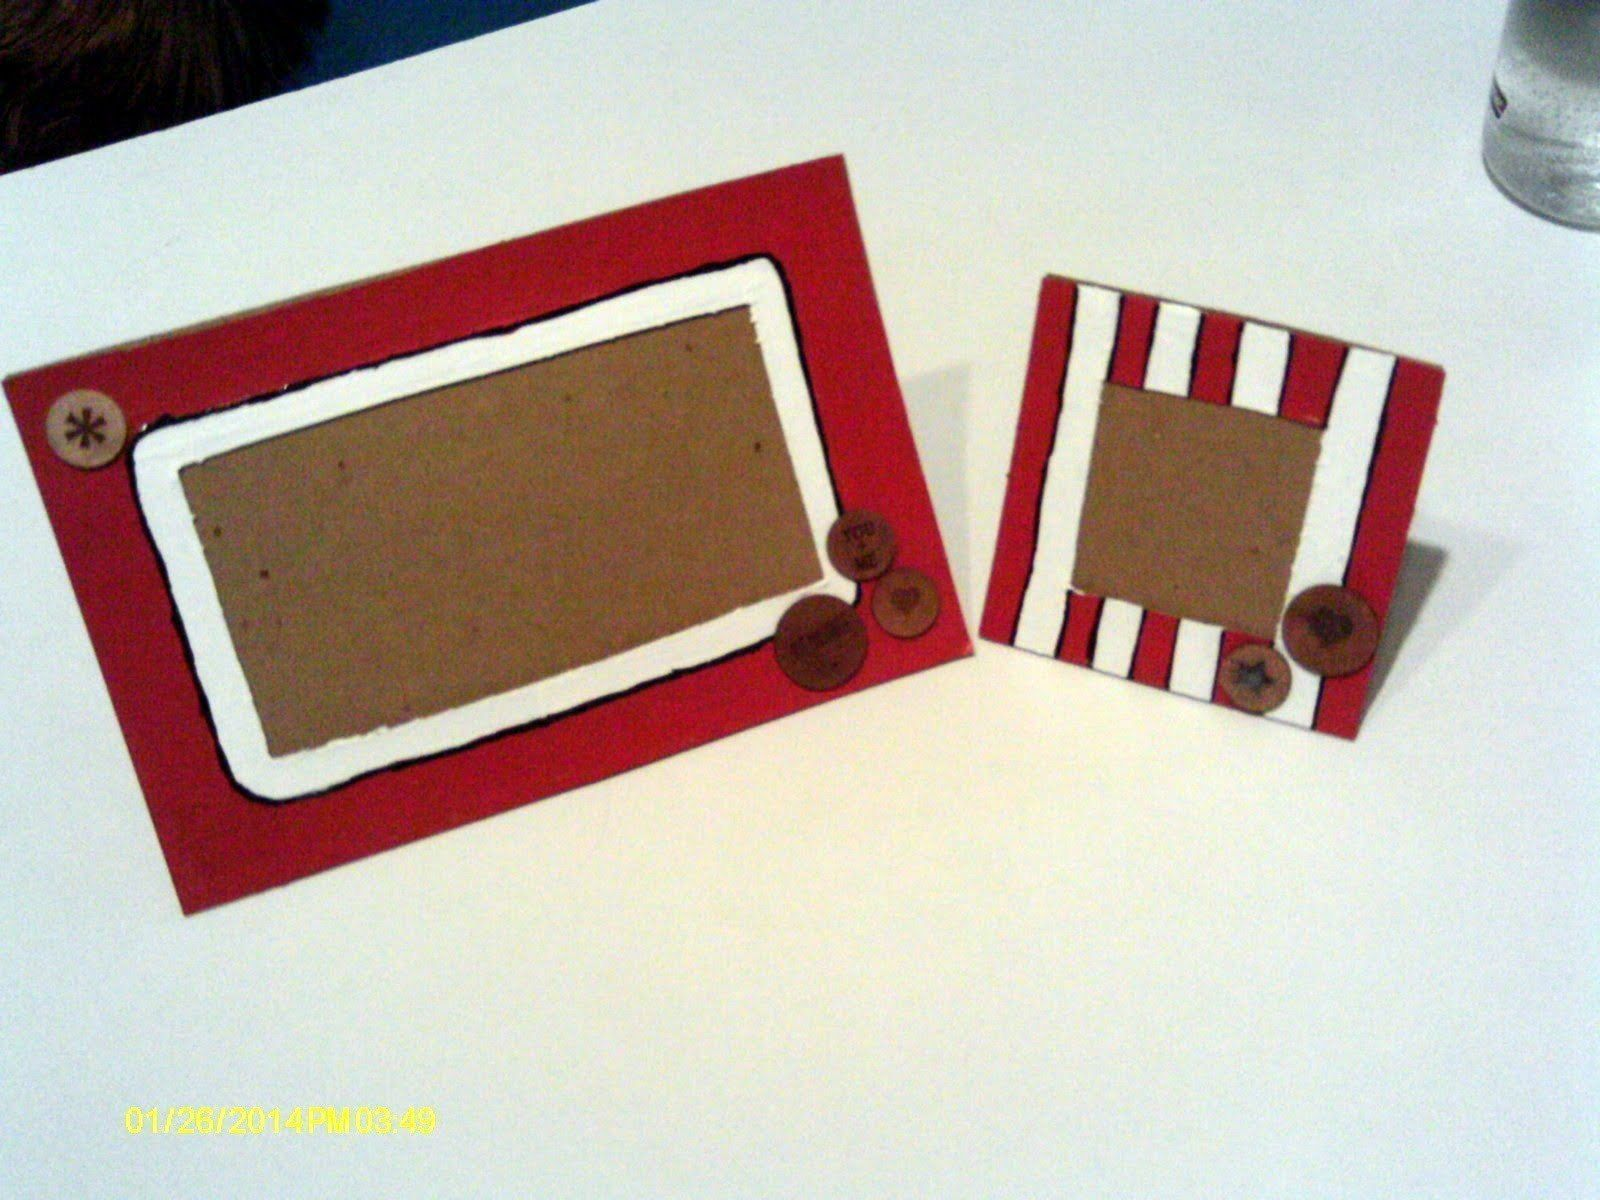 Diy Cardboard Picture Frames | Cardboard picture frames, Diy ...